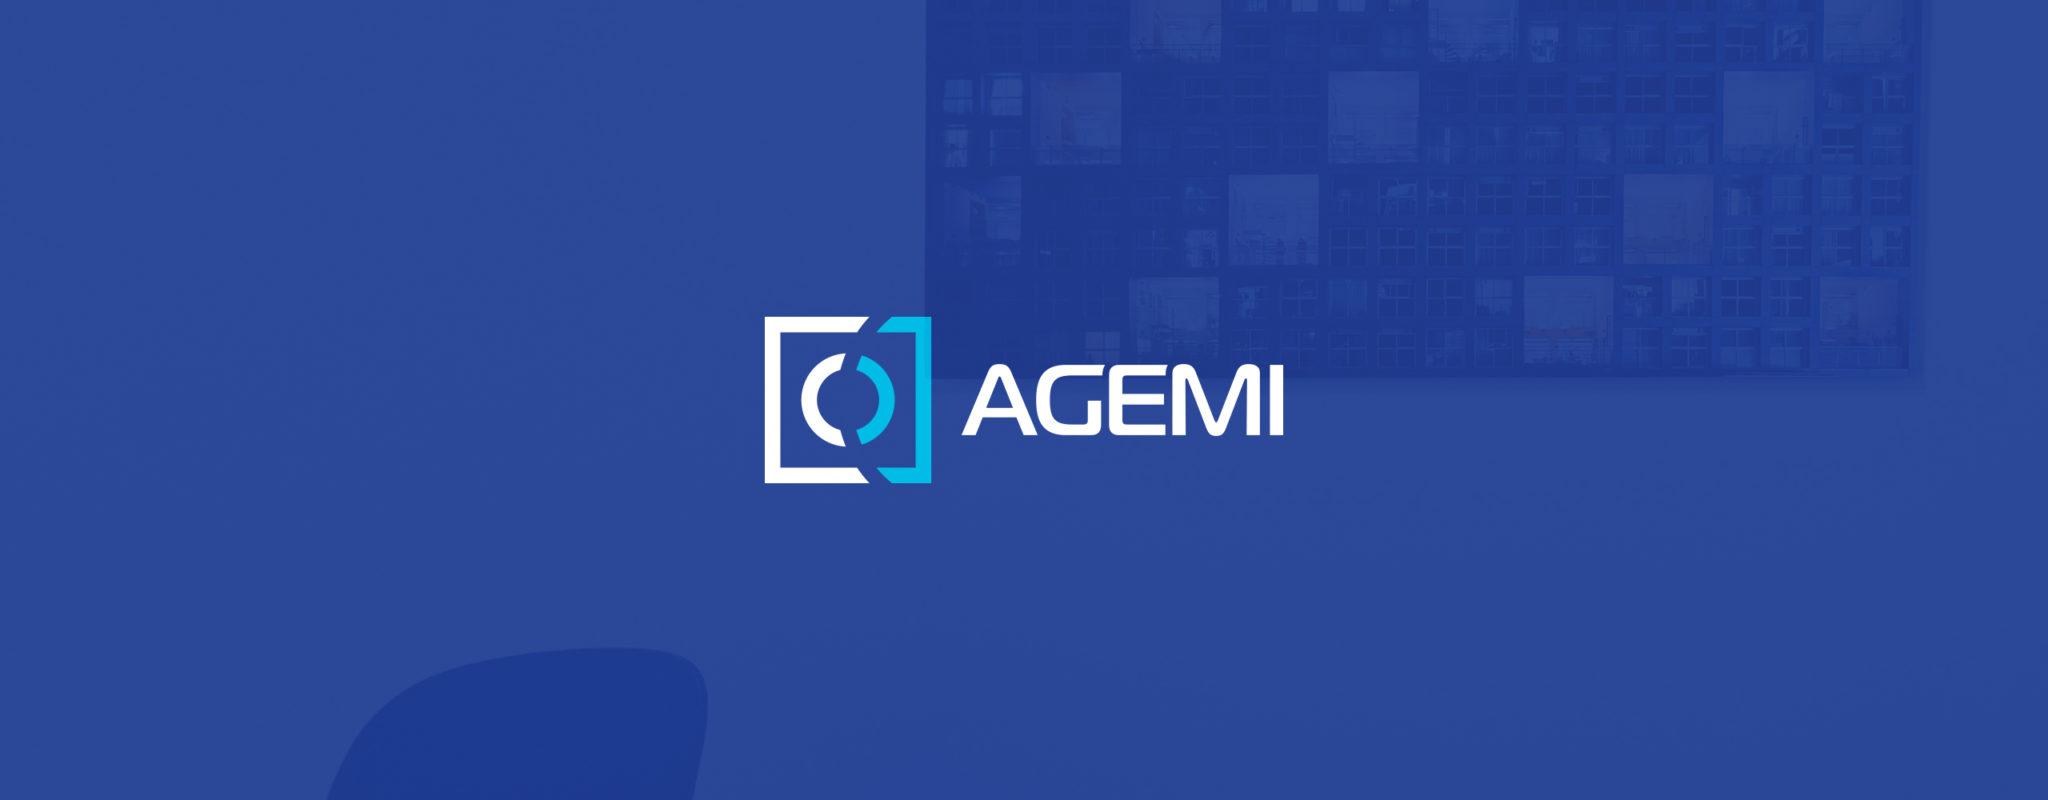 Bureaux AGEMI Paris - assurances CMI